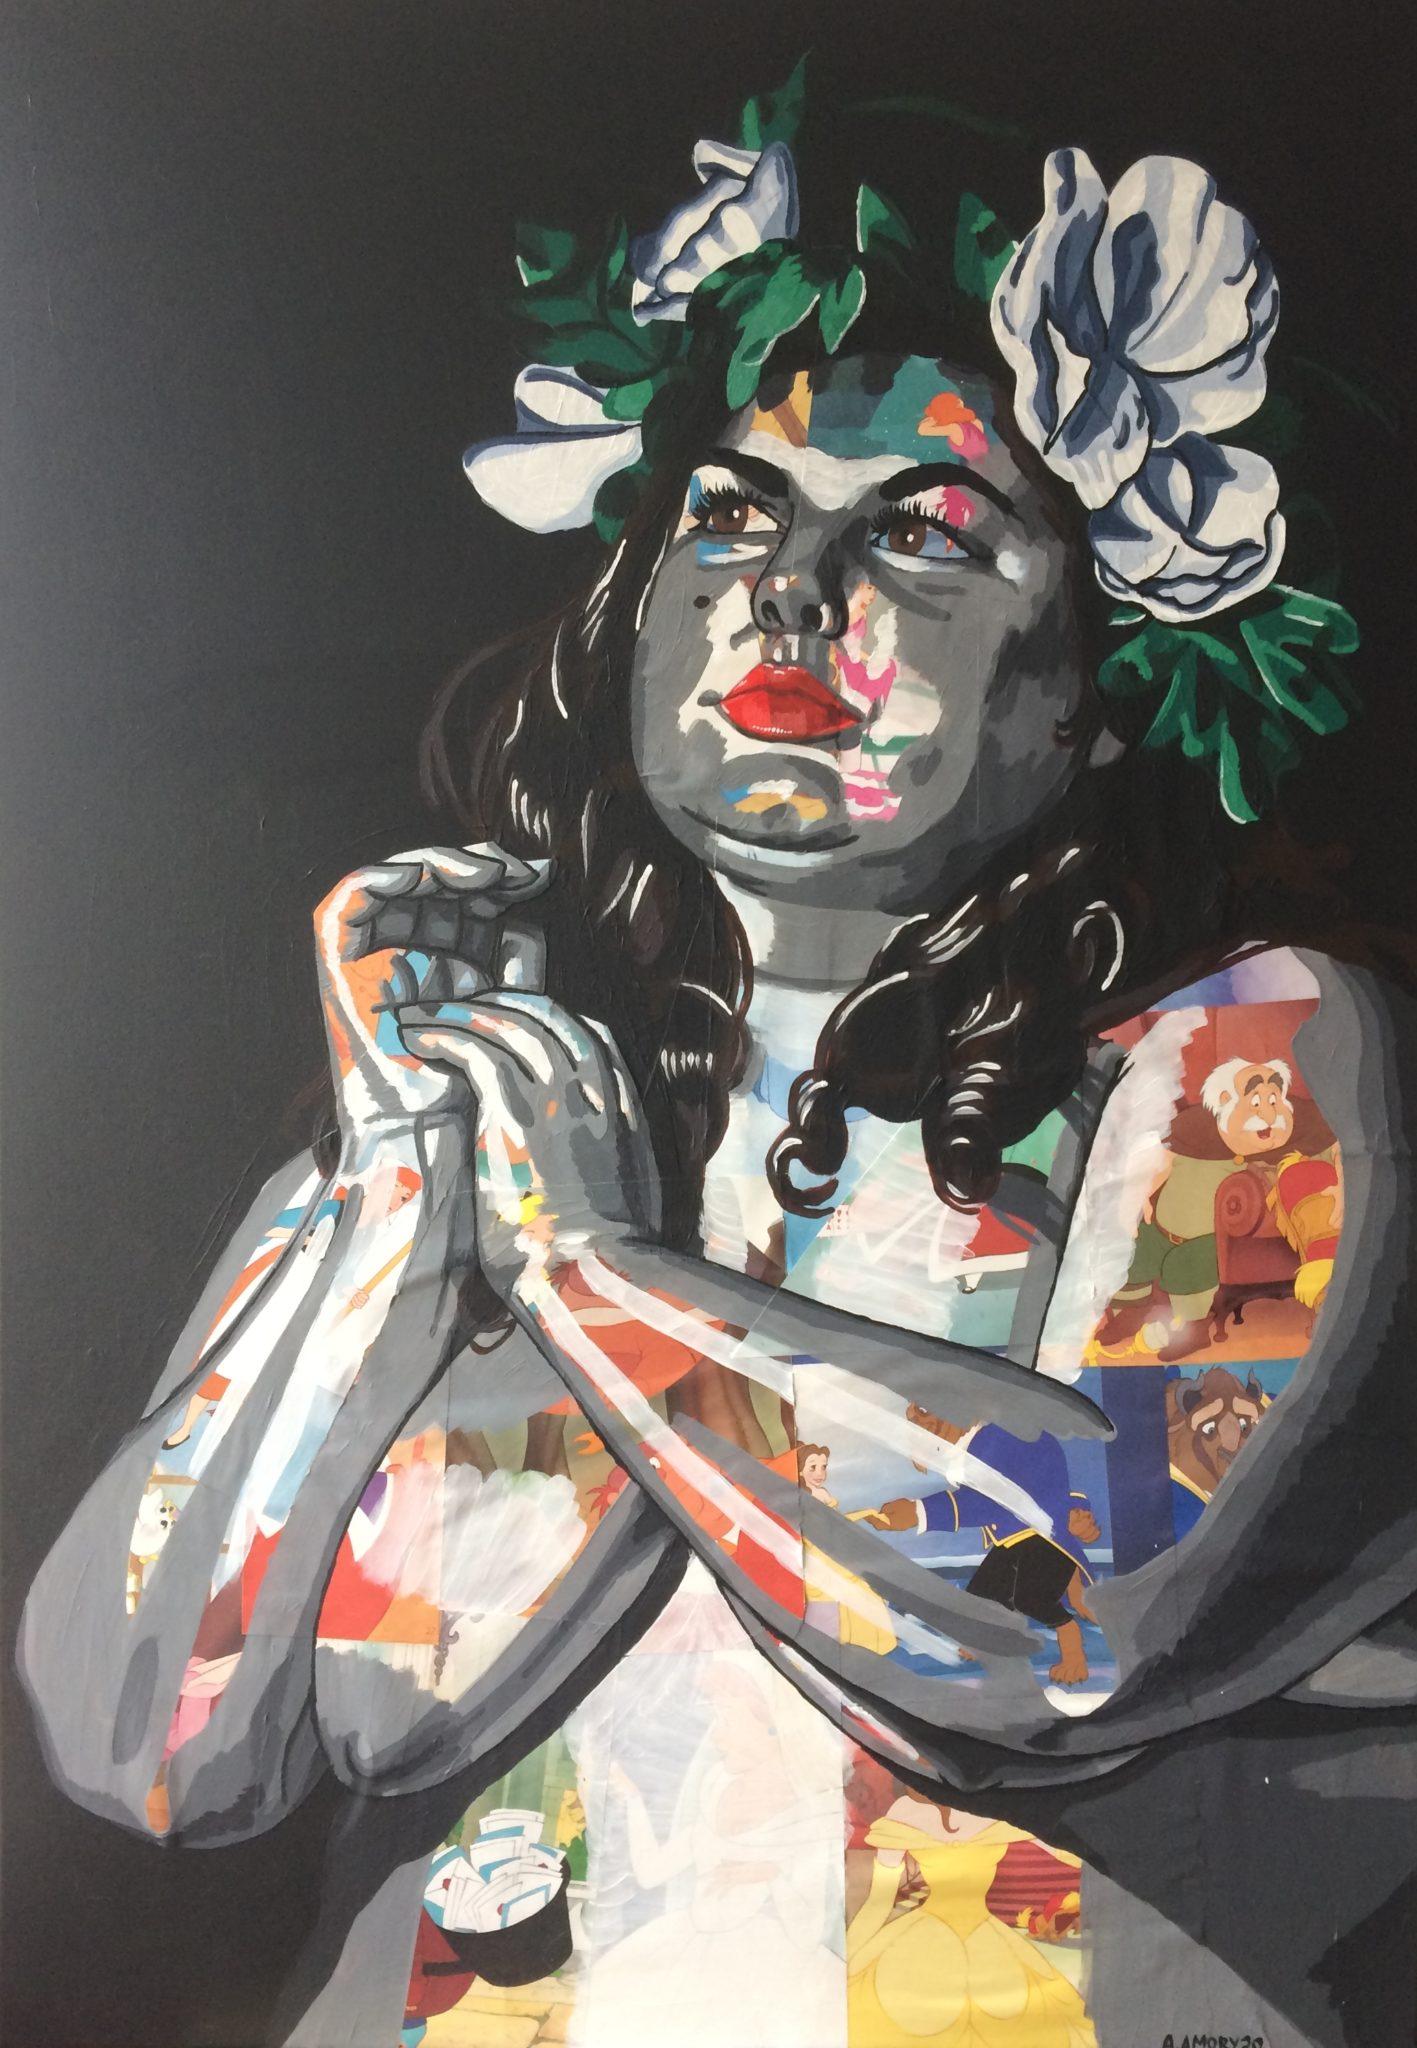 La Muse (1100€) 100 x 70 cm - 2020